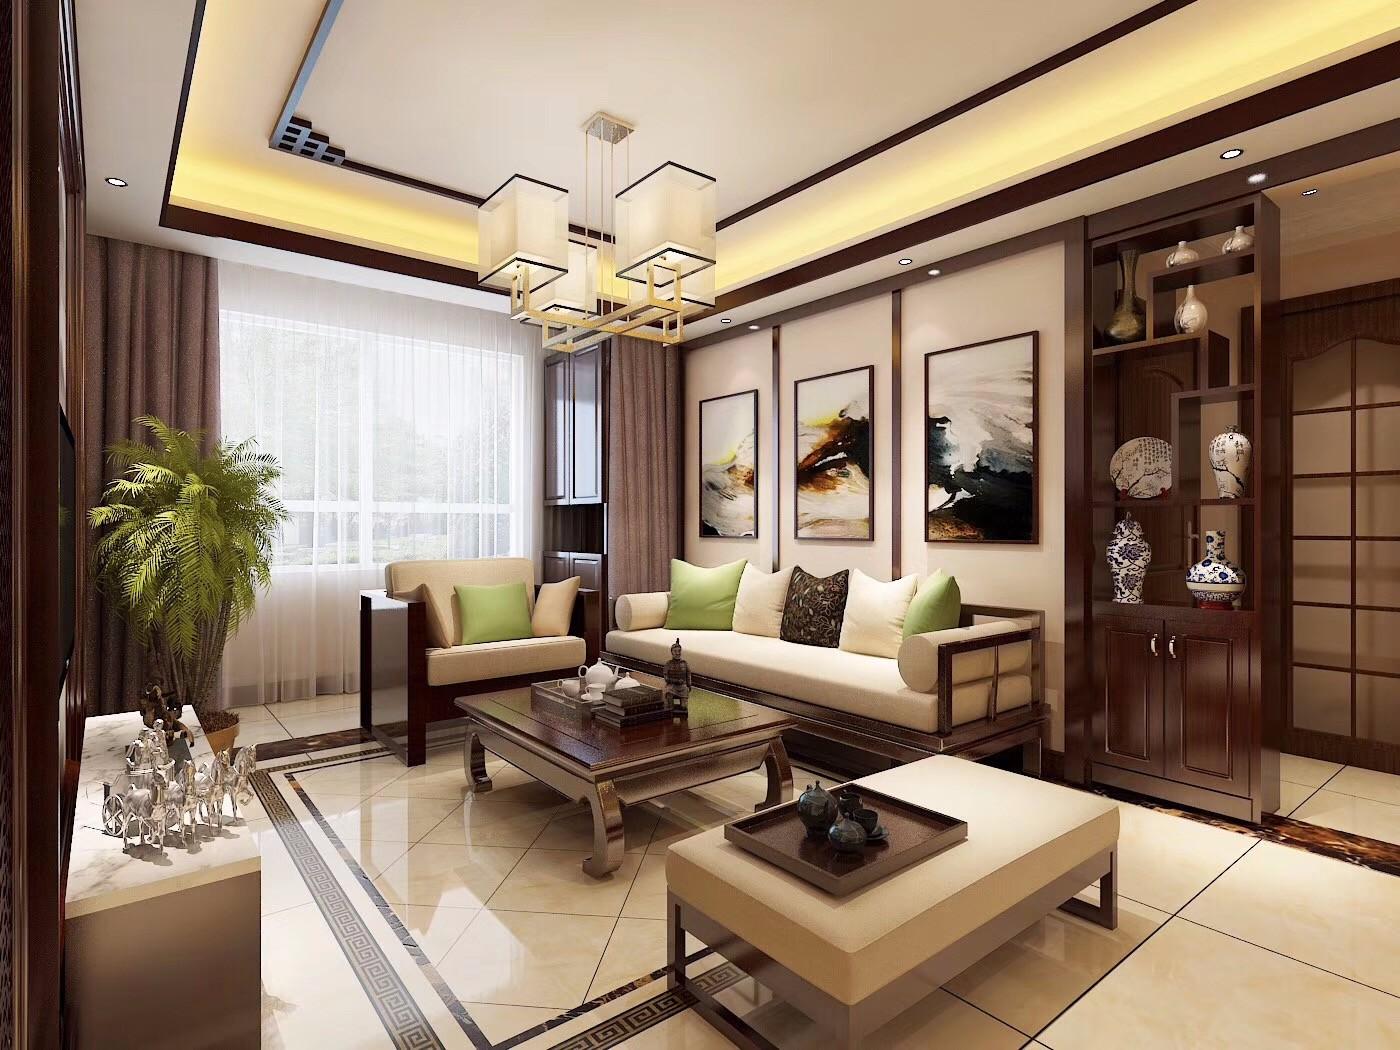 2020中式150平米效果图 2020中式二居室装修设计